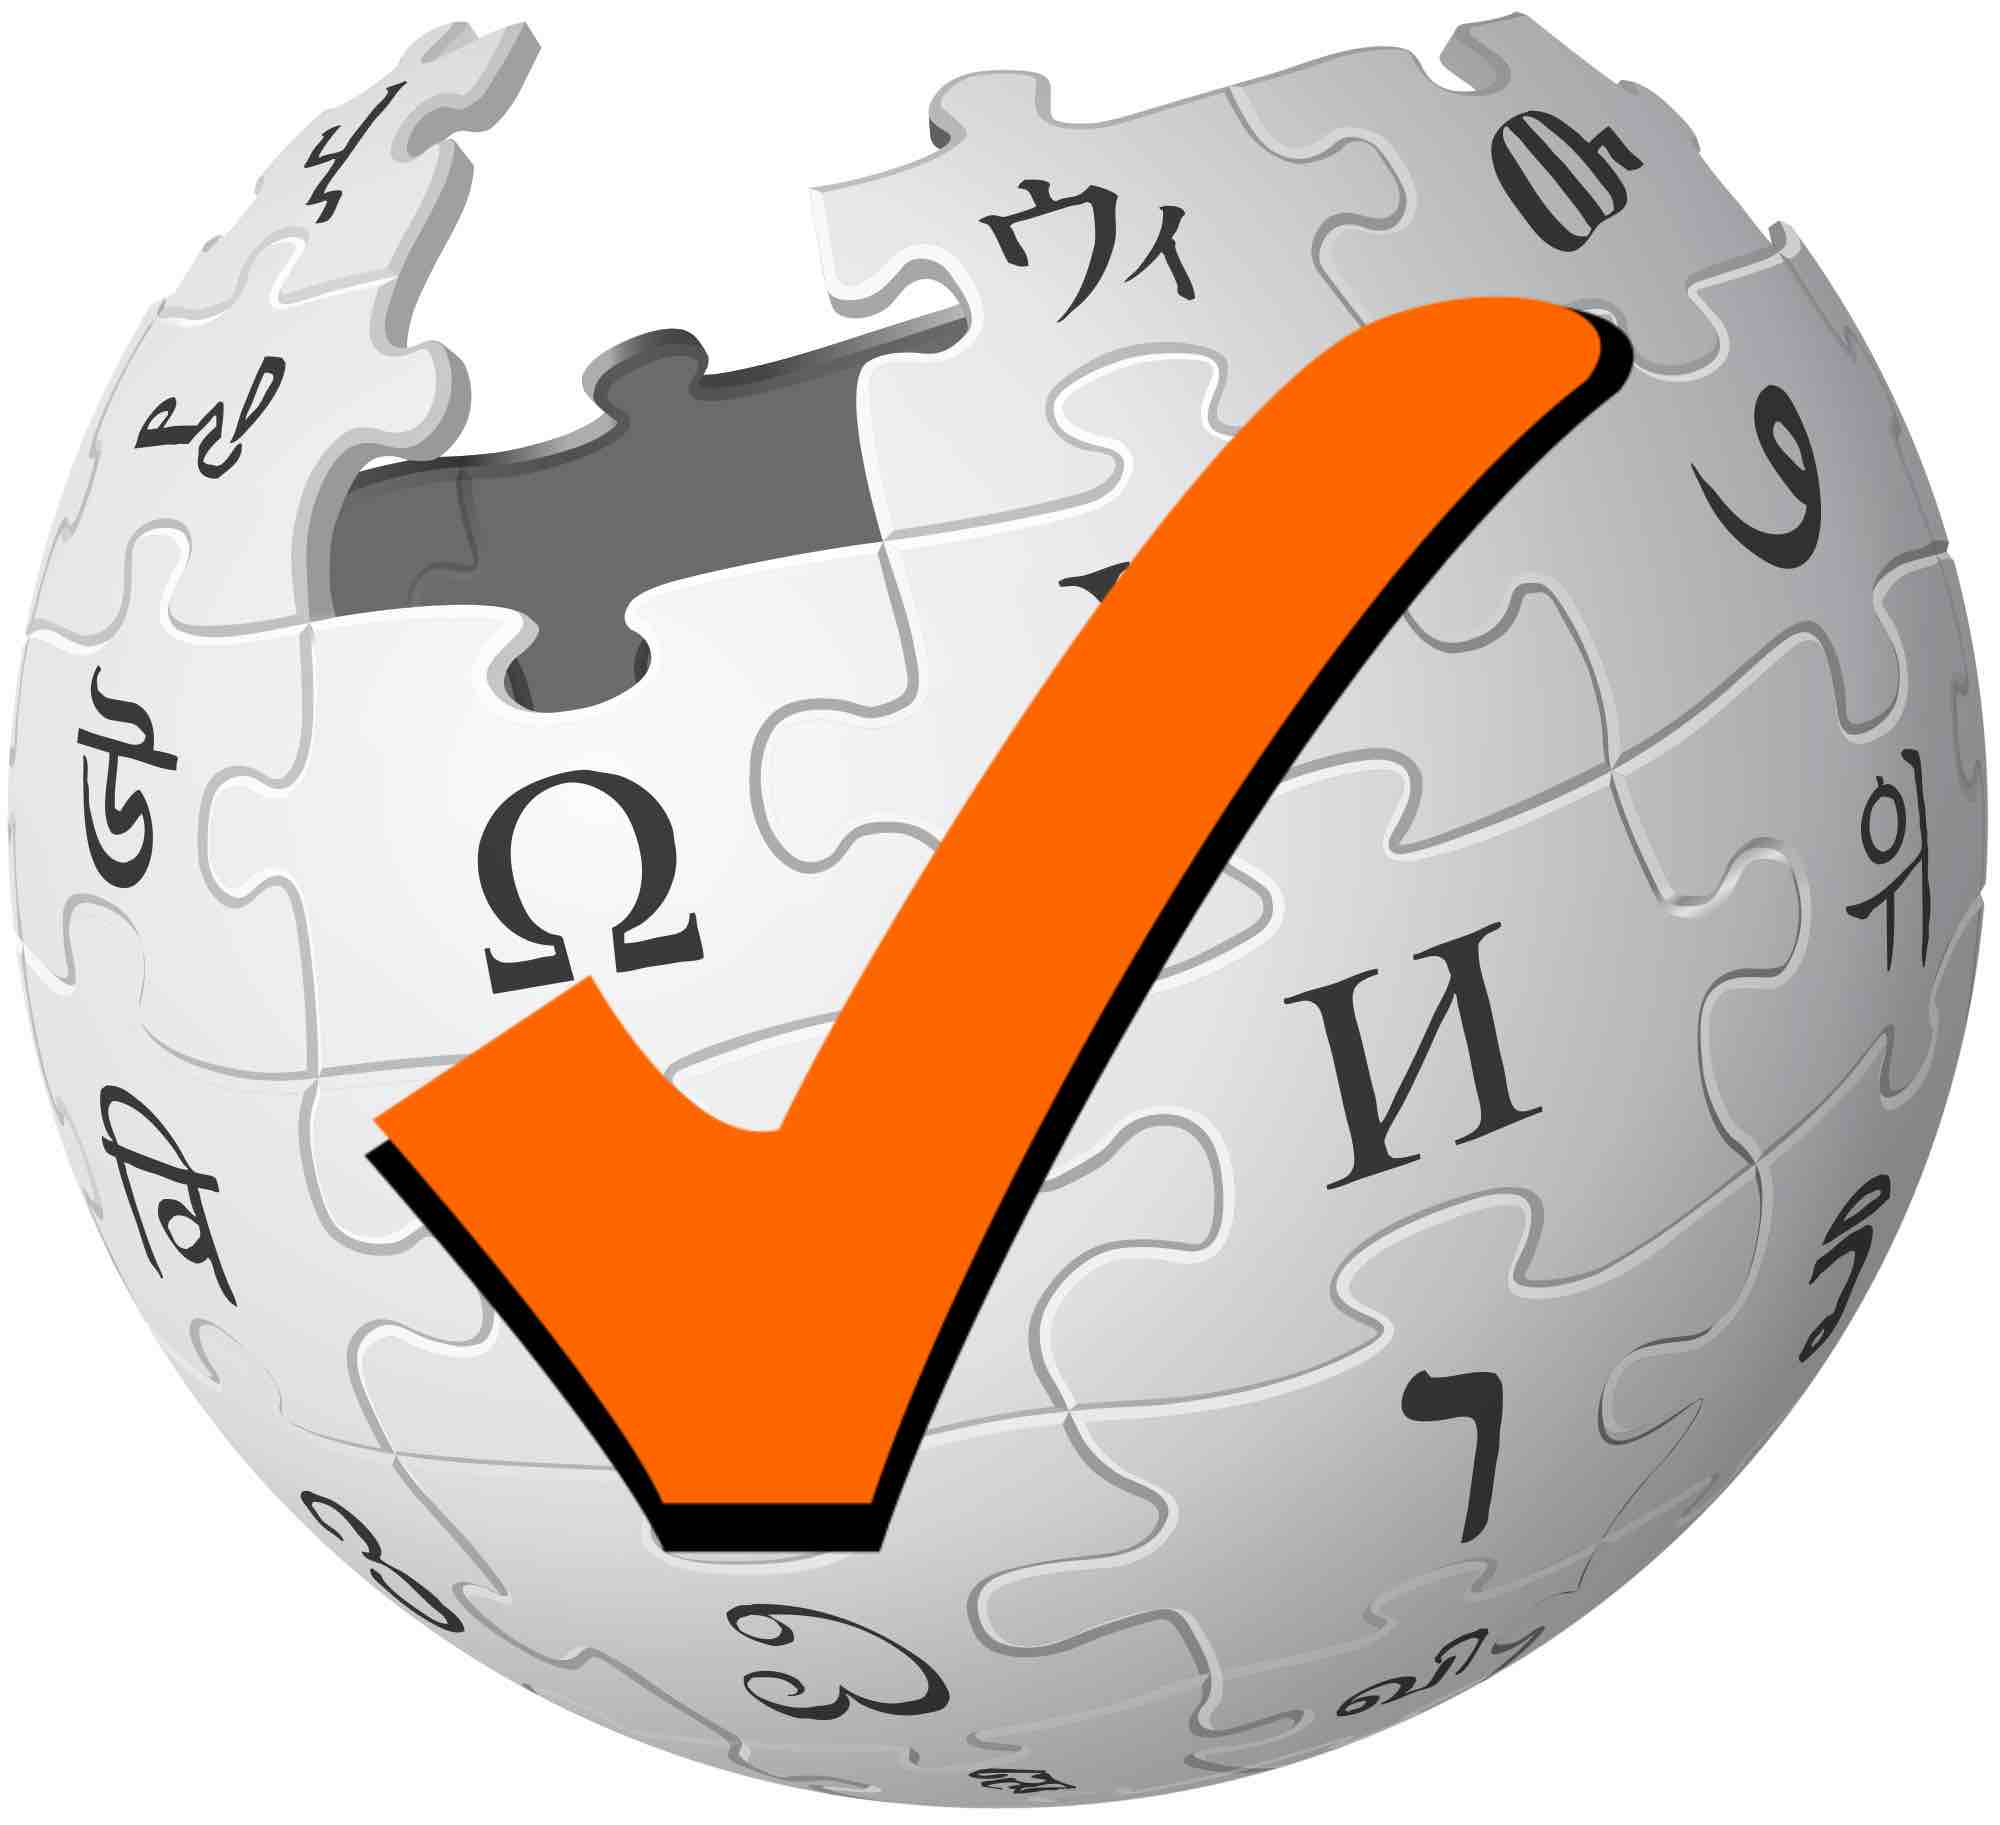 Будет ли запрещена Википедия в России 2019 году?